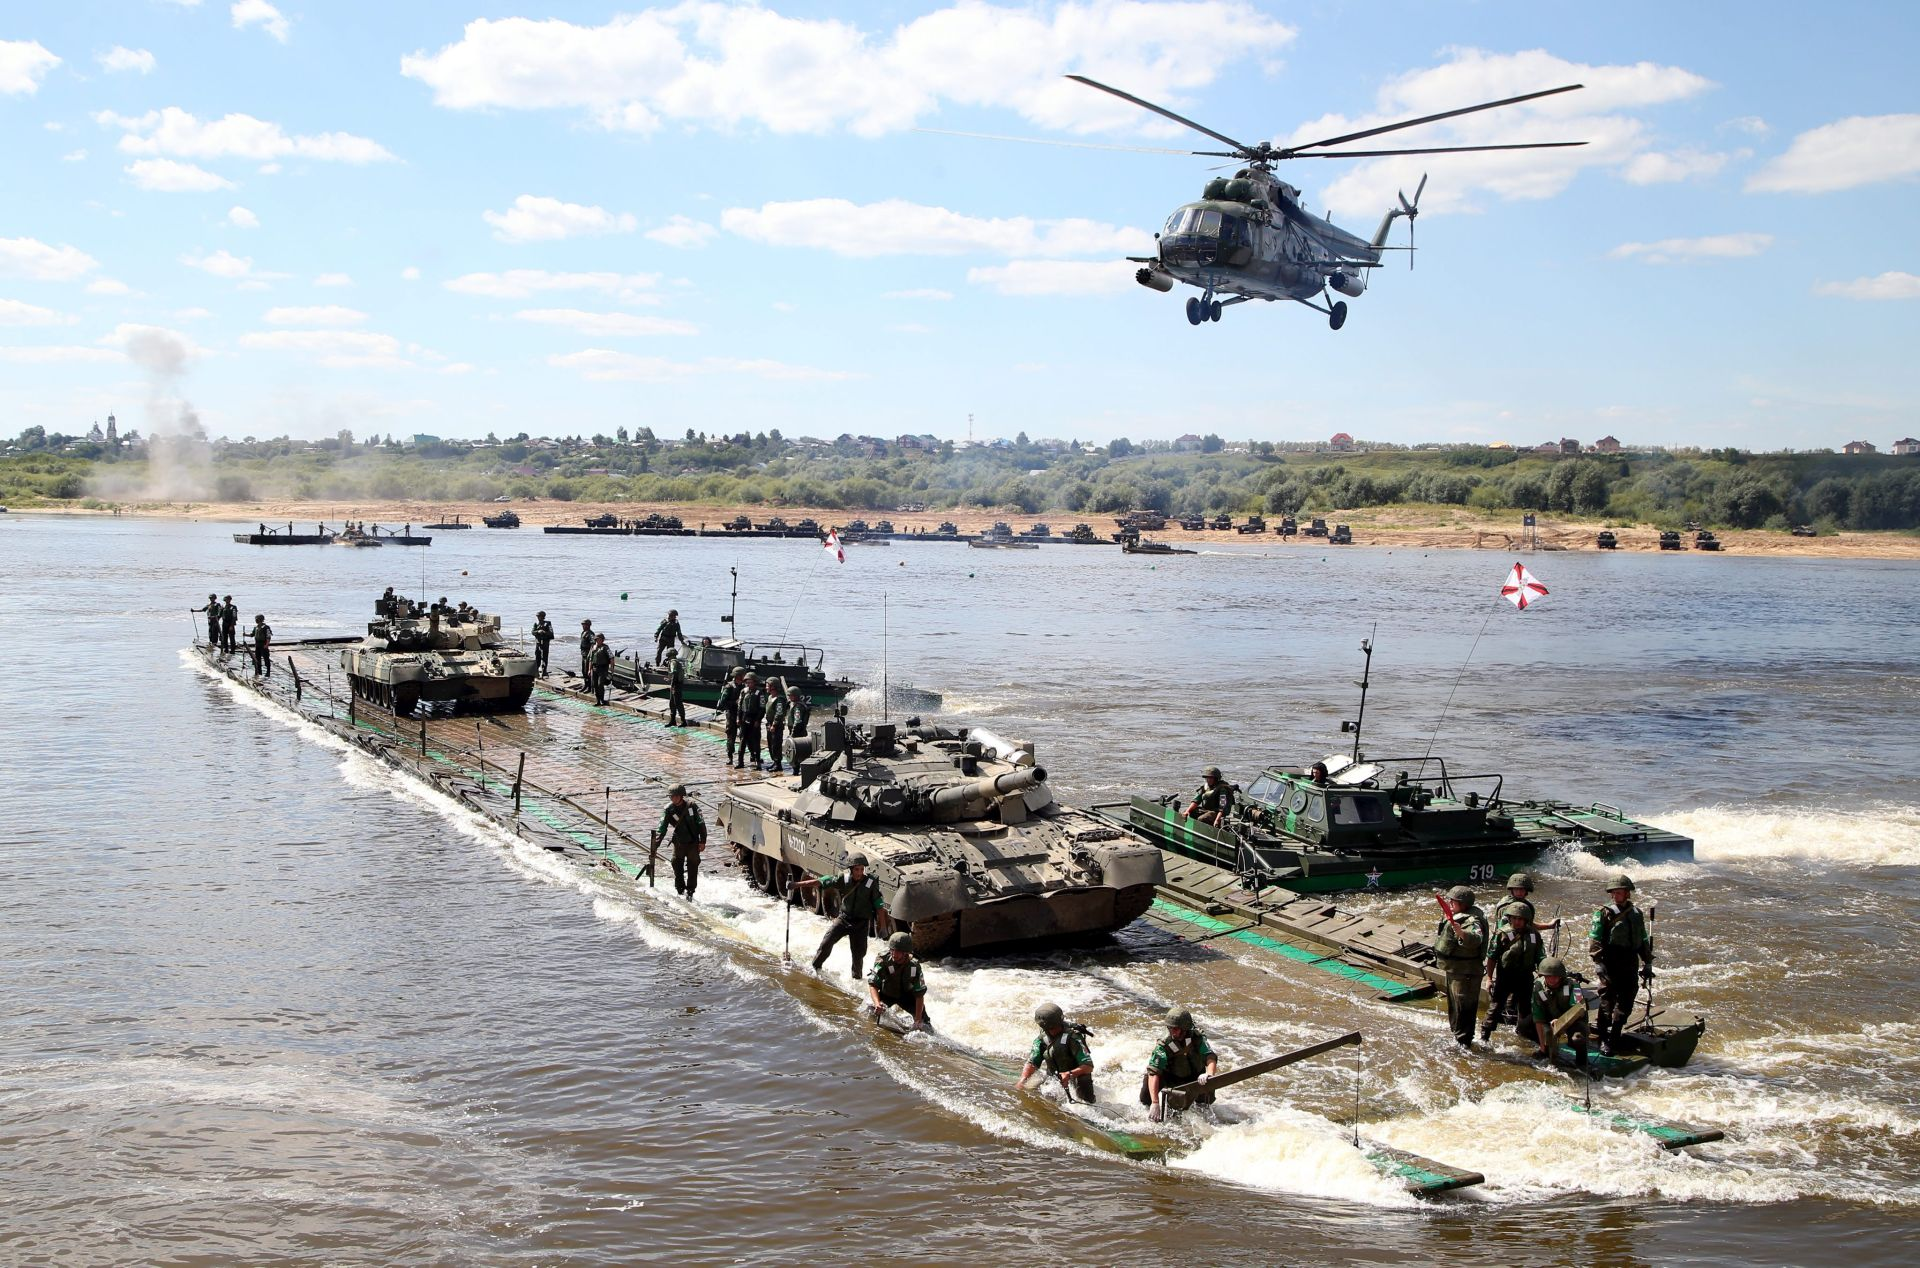 MINISTARSTVO OBRANE: Rusija na Krimu razmjestila obrambeni sustav S-400